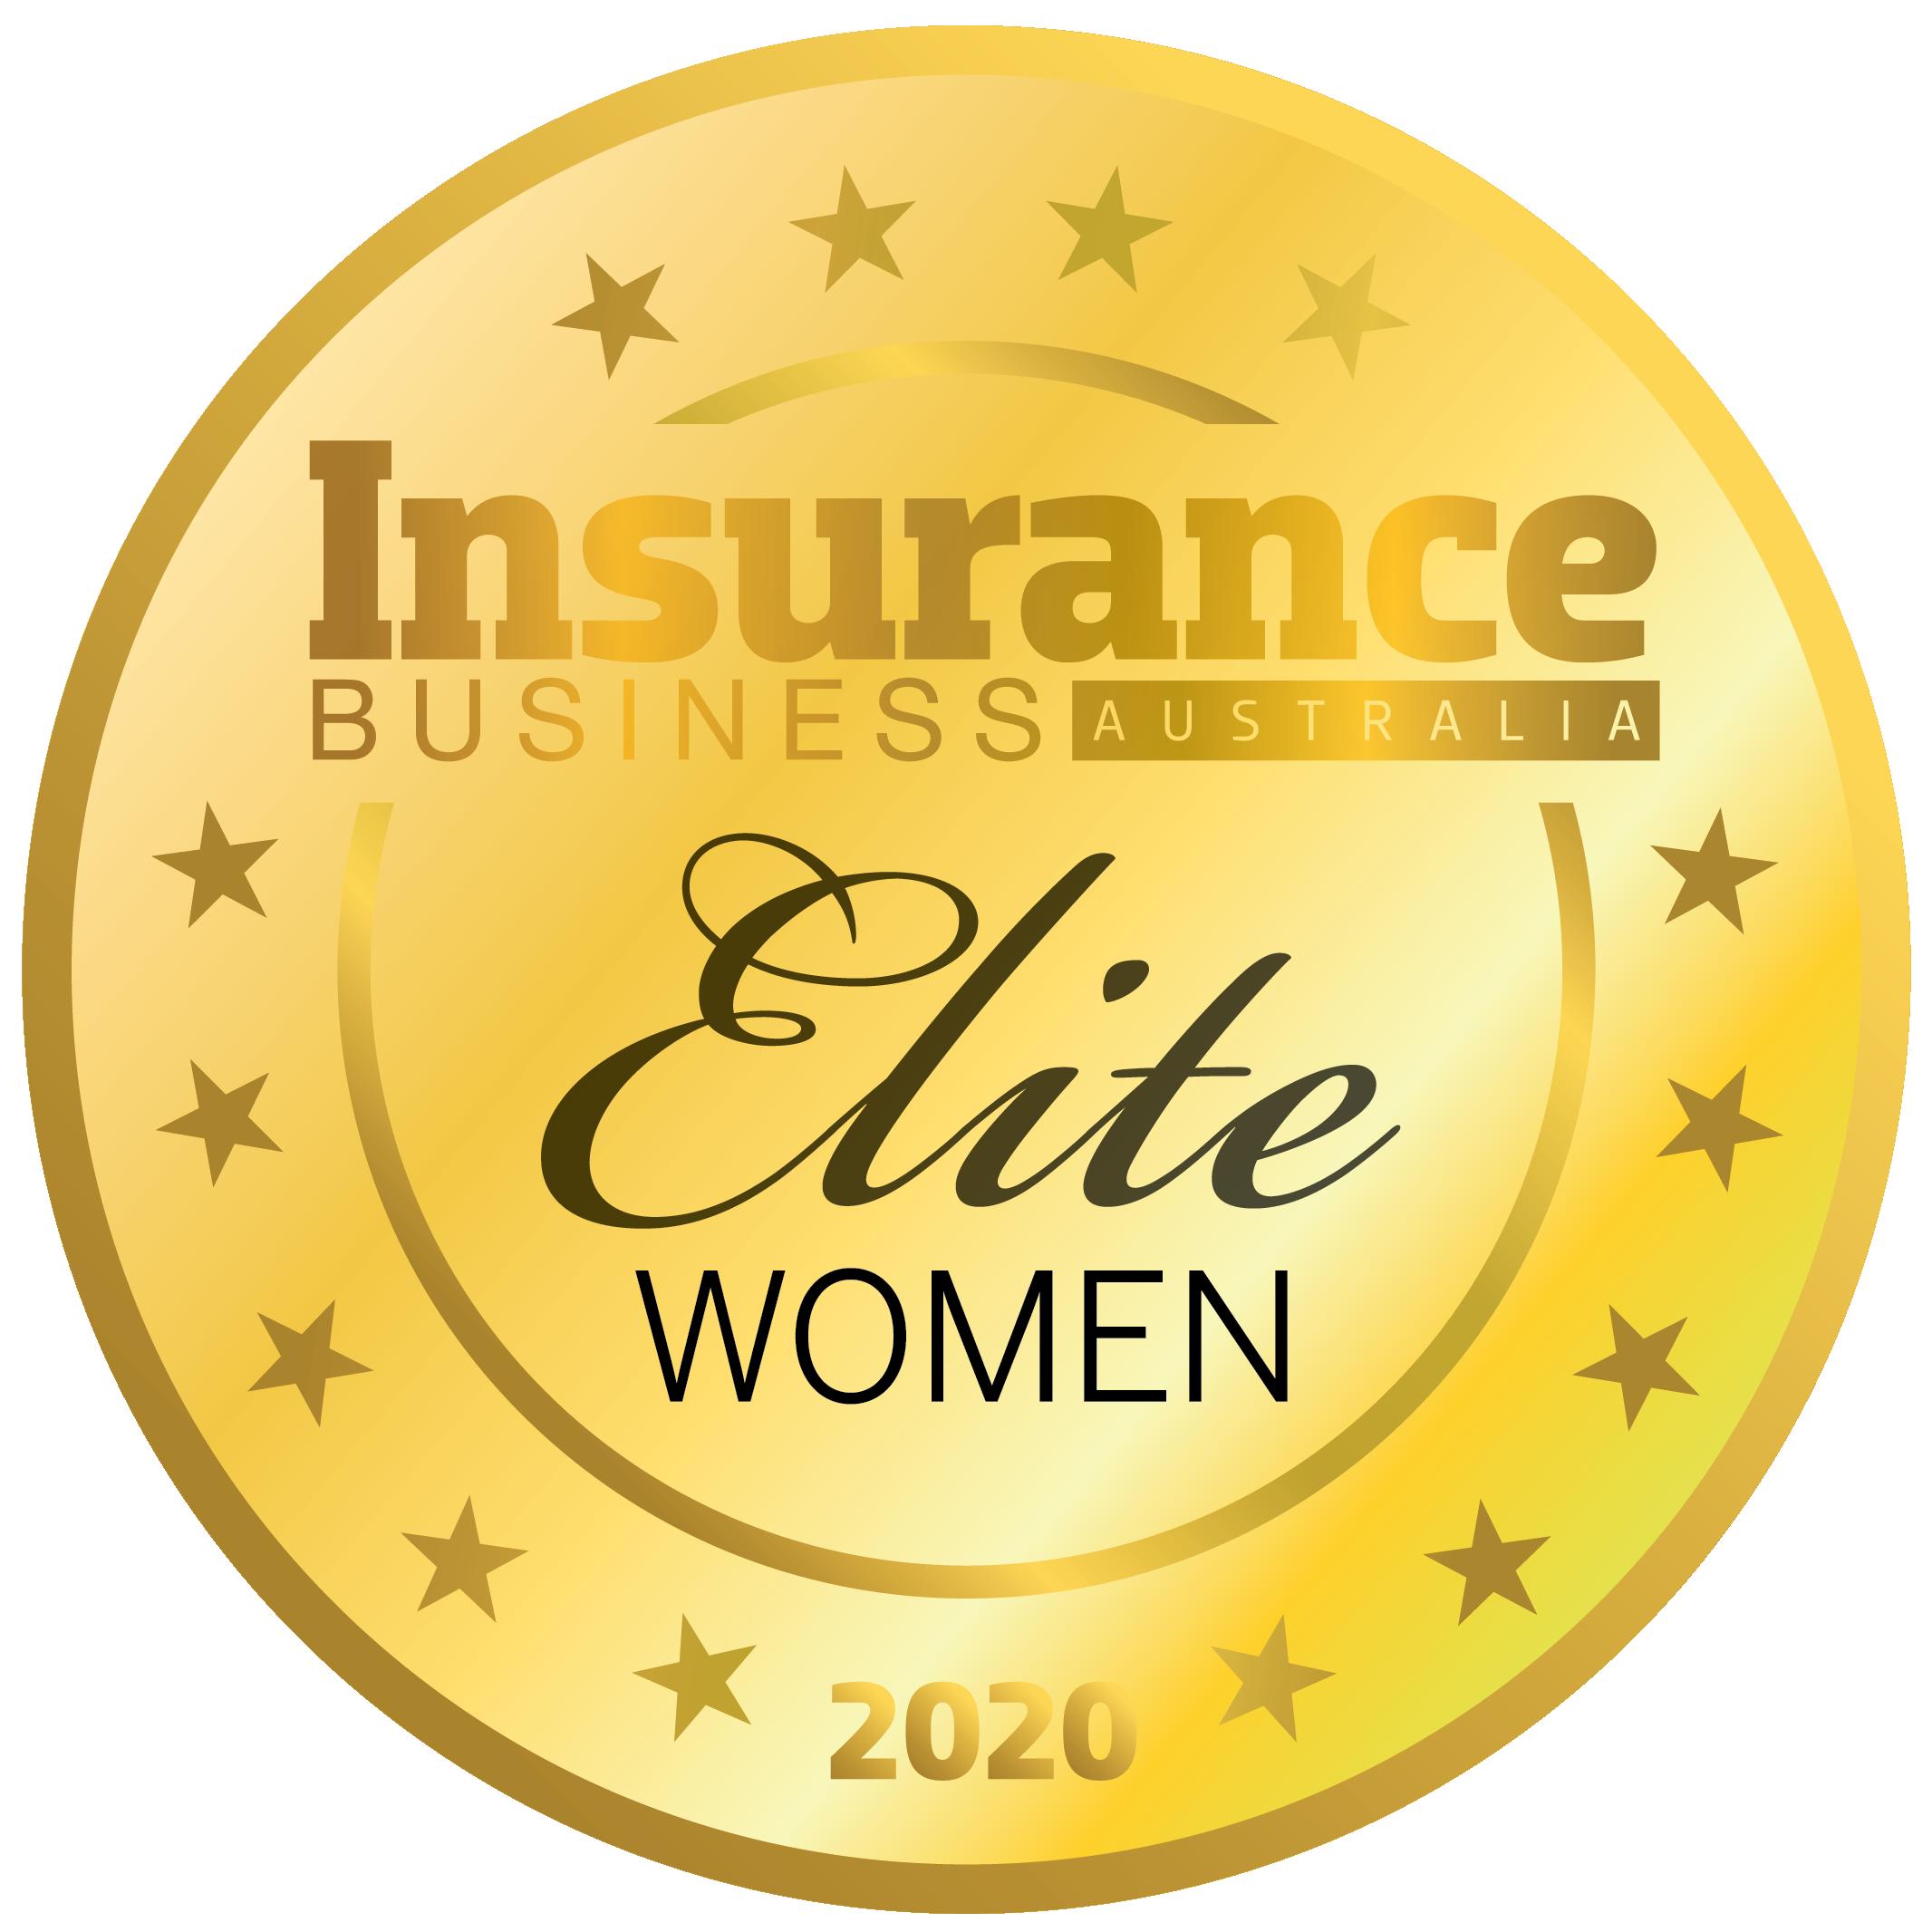 Elite Women in Insurance